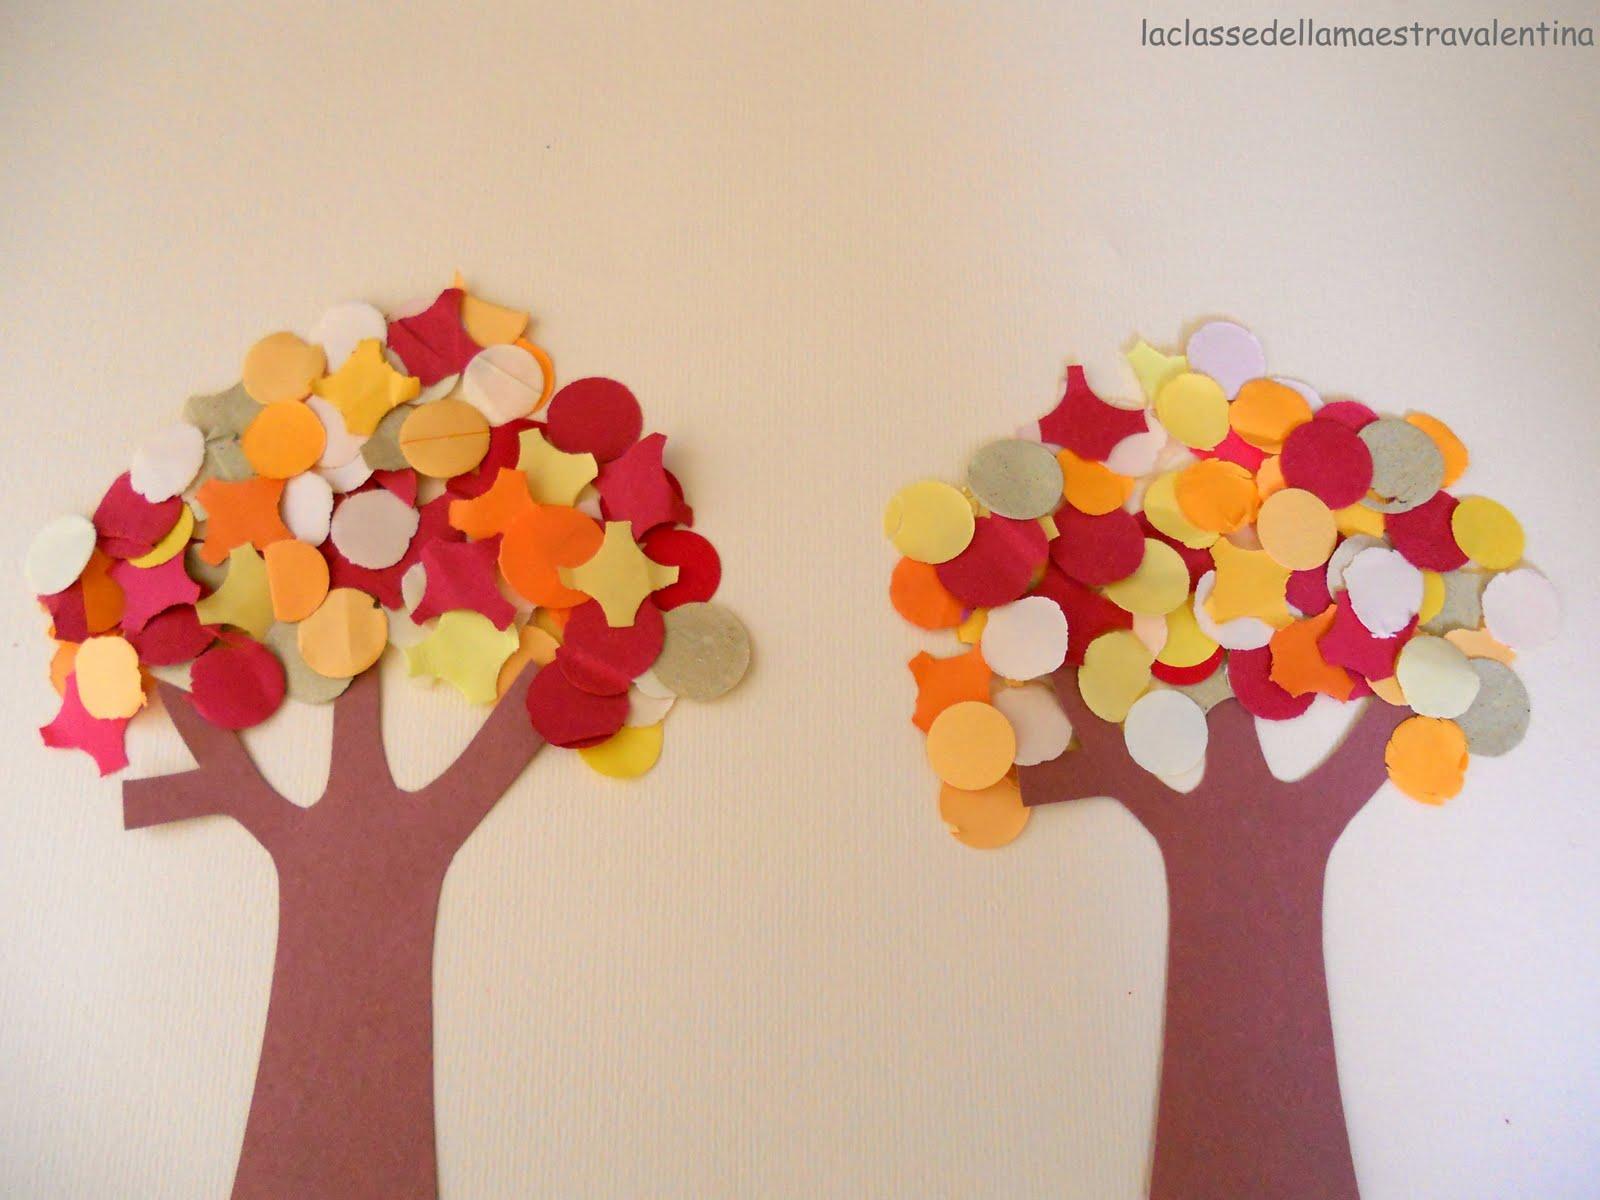 La classe della maestra valentina collages d autunno for La classe della maestra valentina primavera